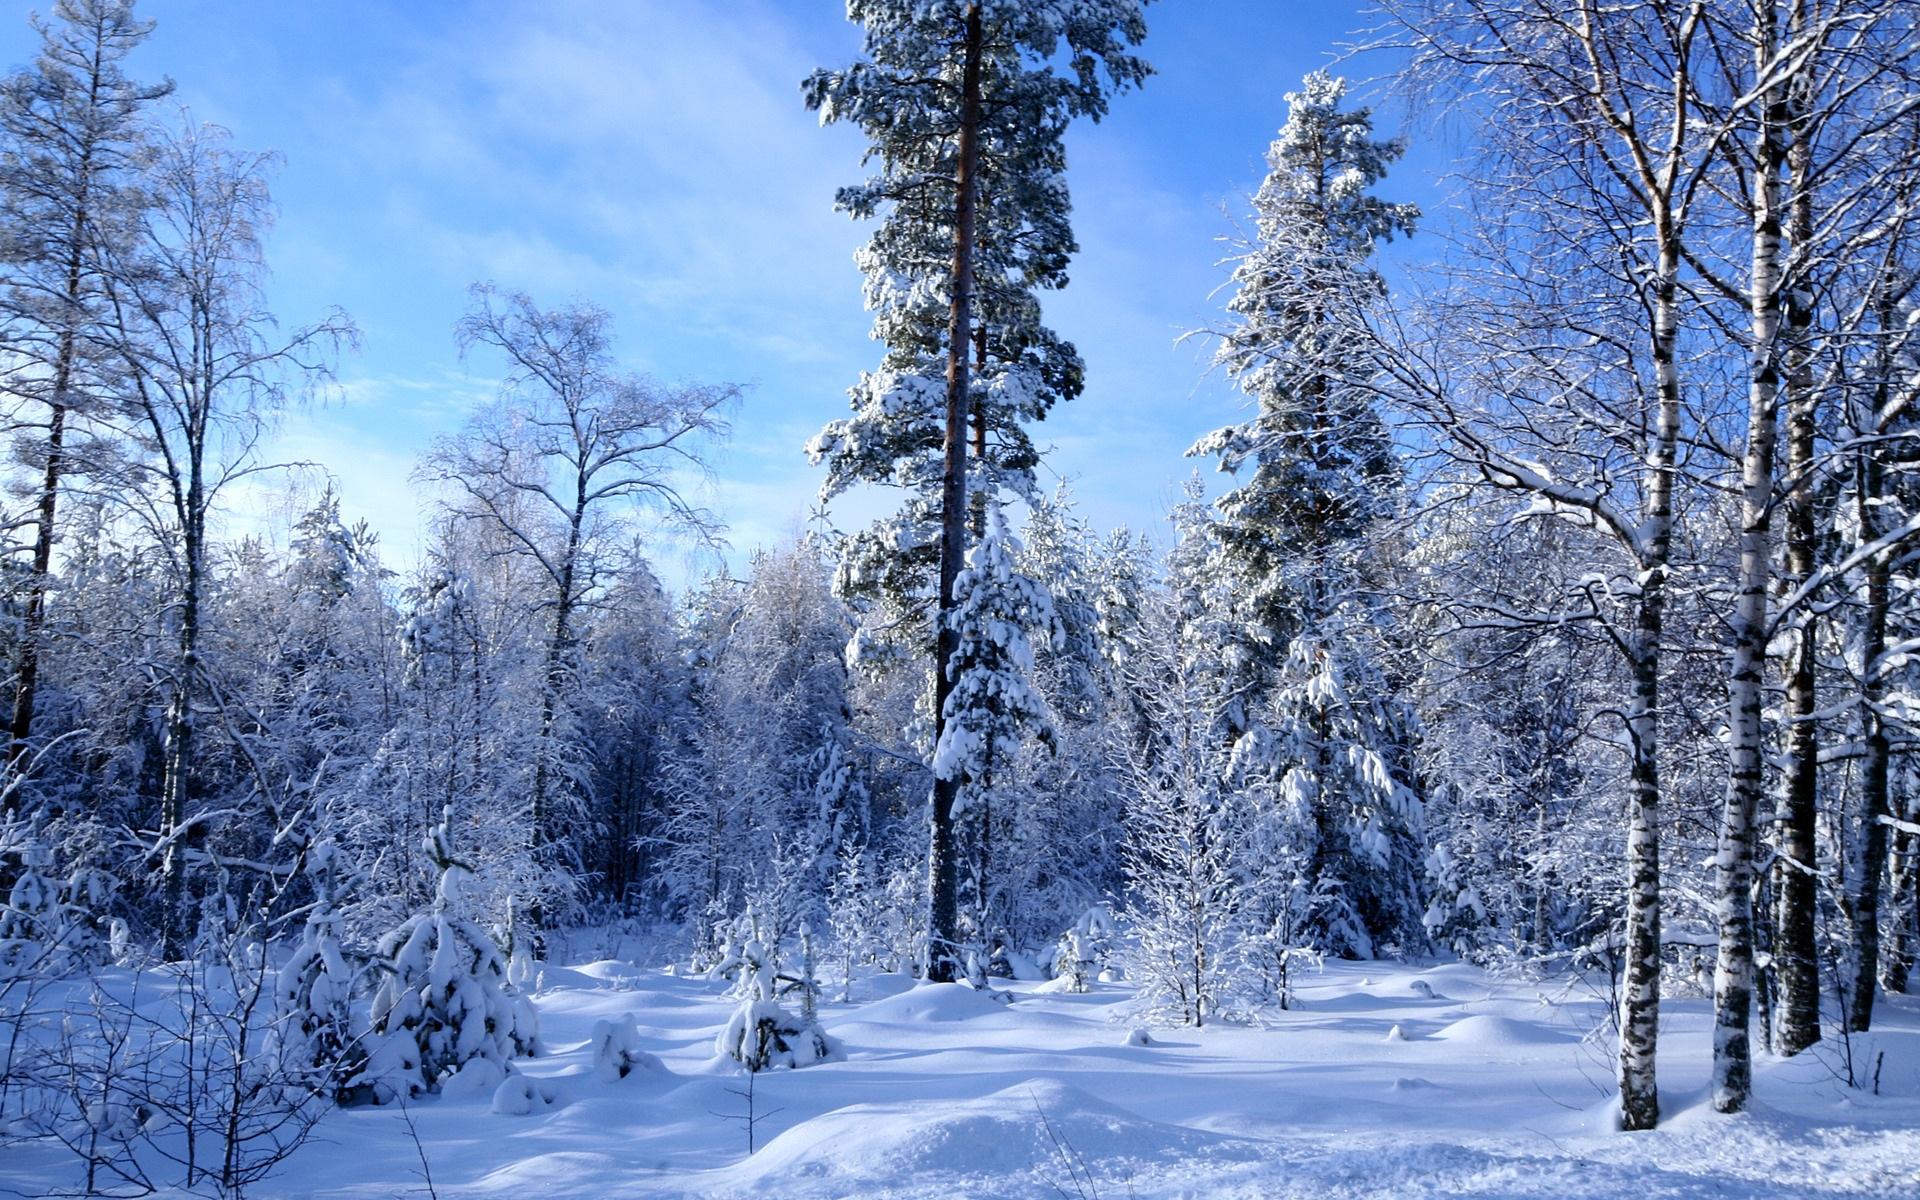 Обои 1920x1200 скачать обои зимний лес